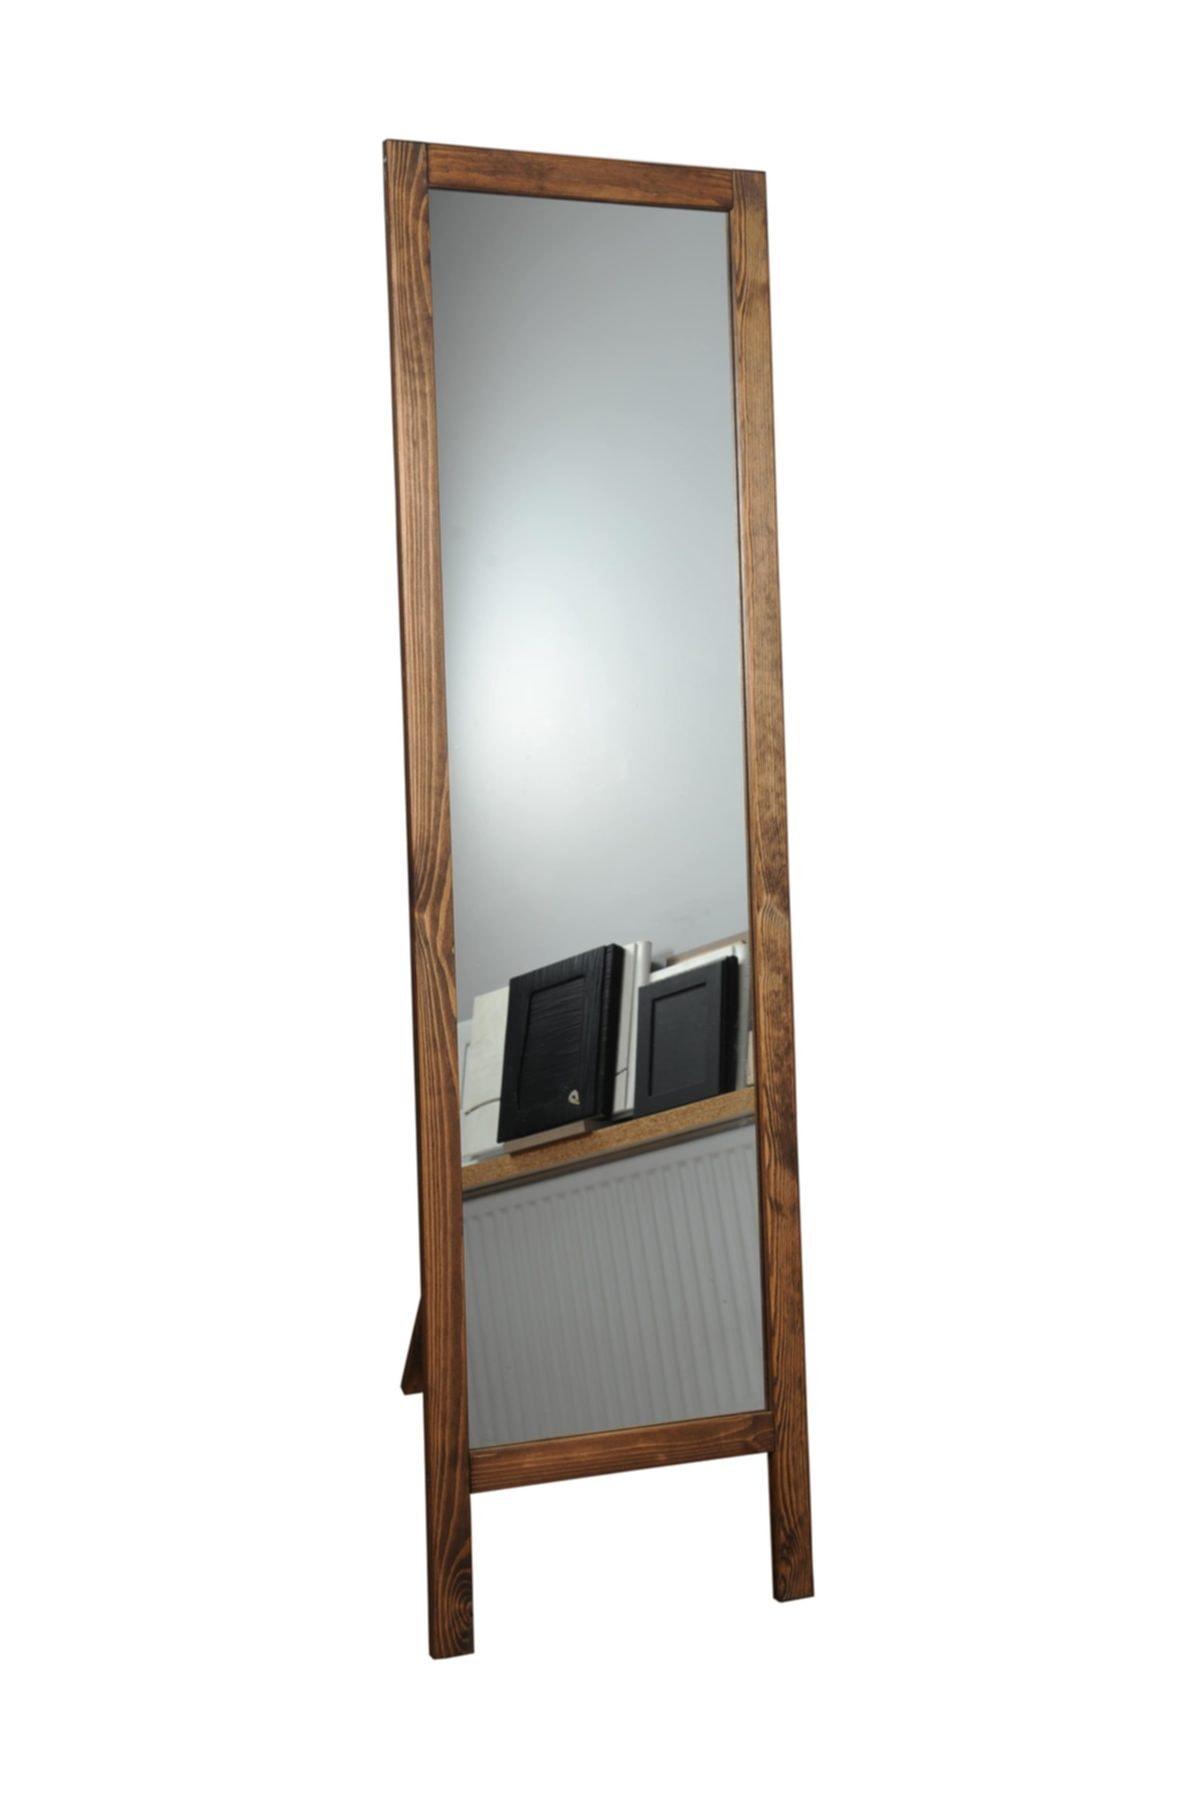 Max Ayaklı Boy Aynası Masif Ahşap 41x145 cm 1